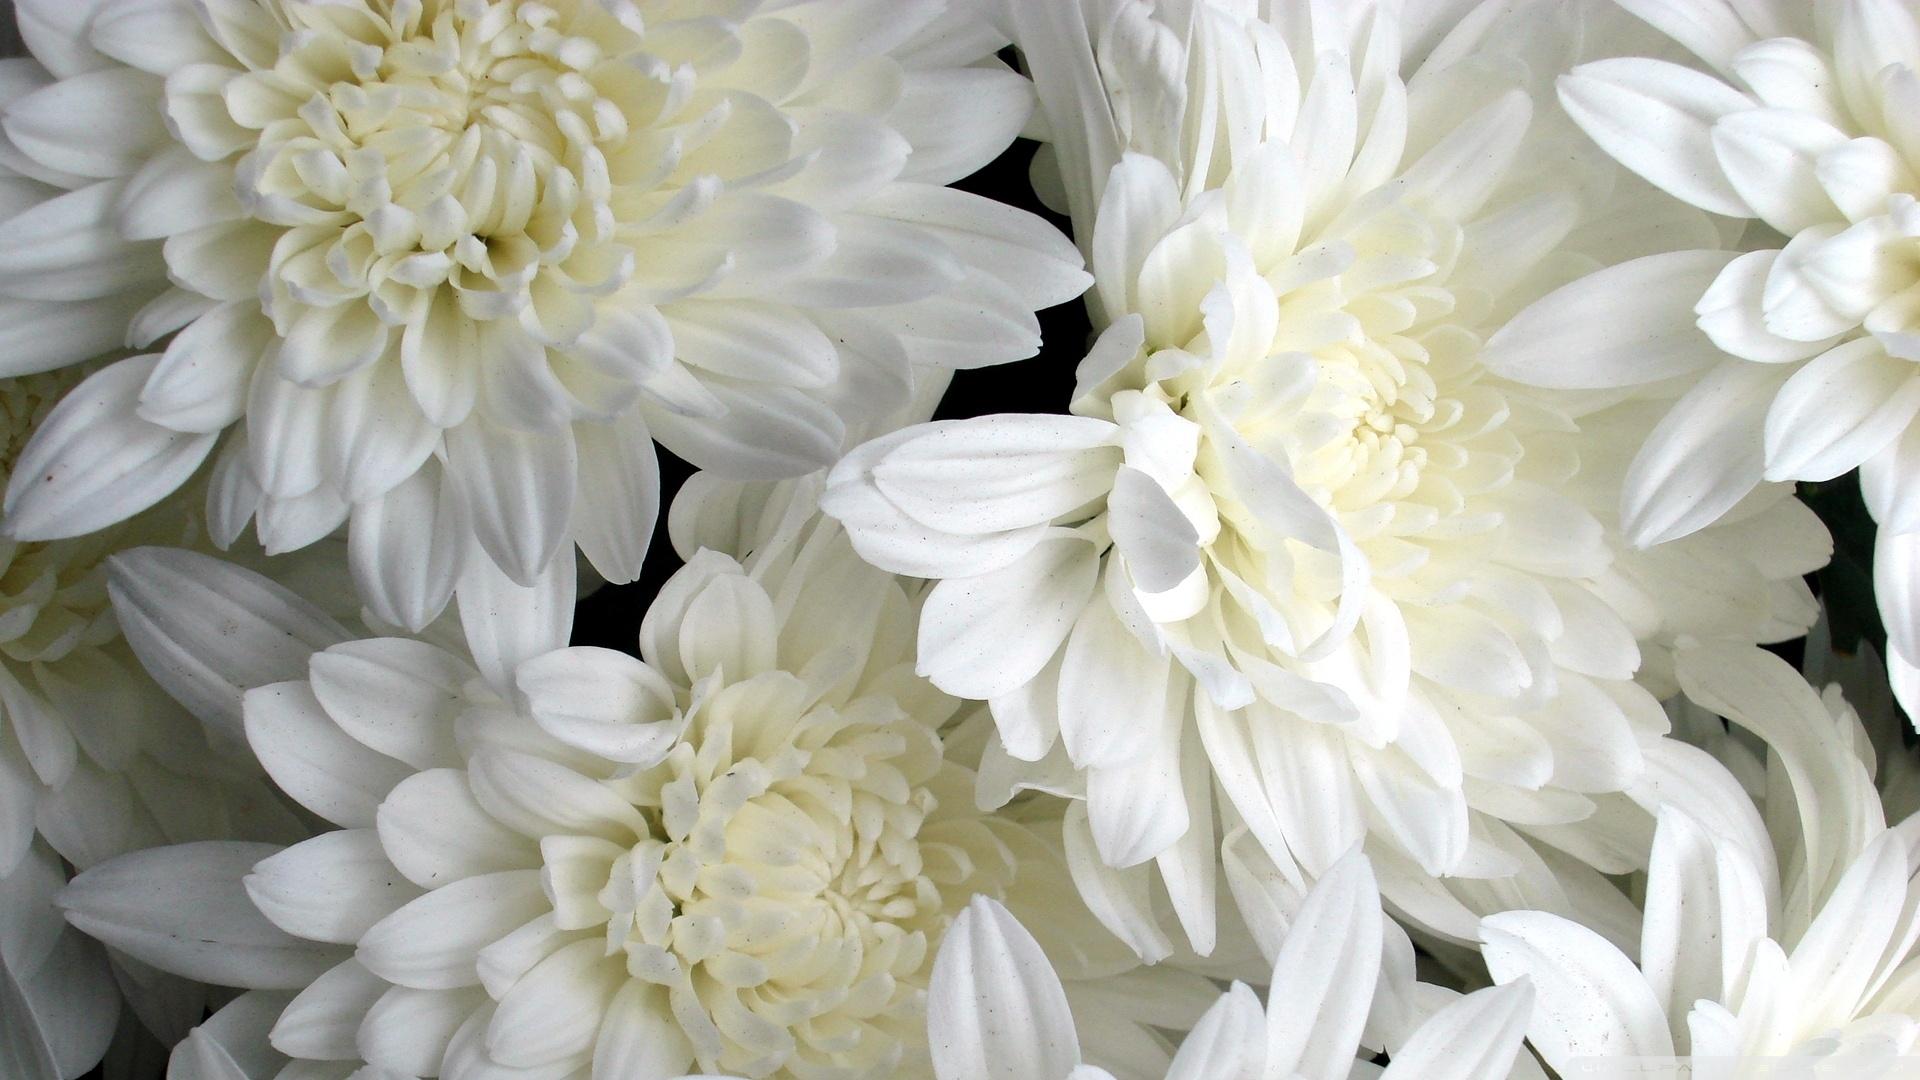 White flowers wallpaper 1920 1080 imagini desktop 3d for 3d white flower wallpaper